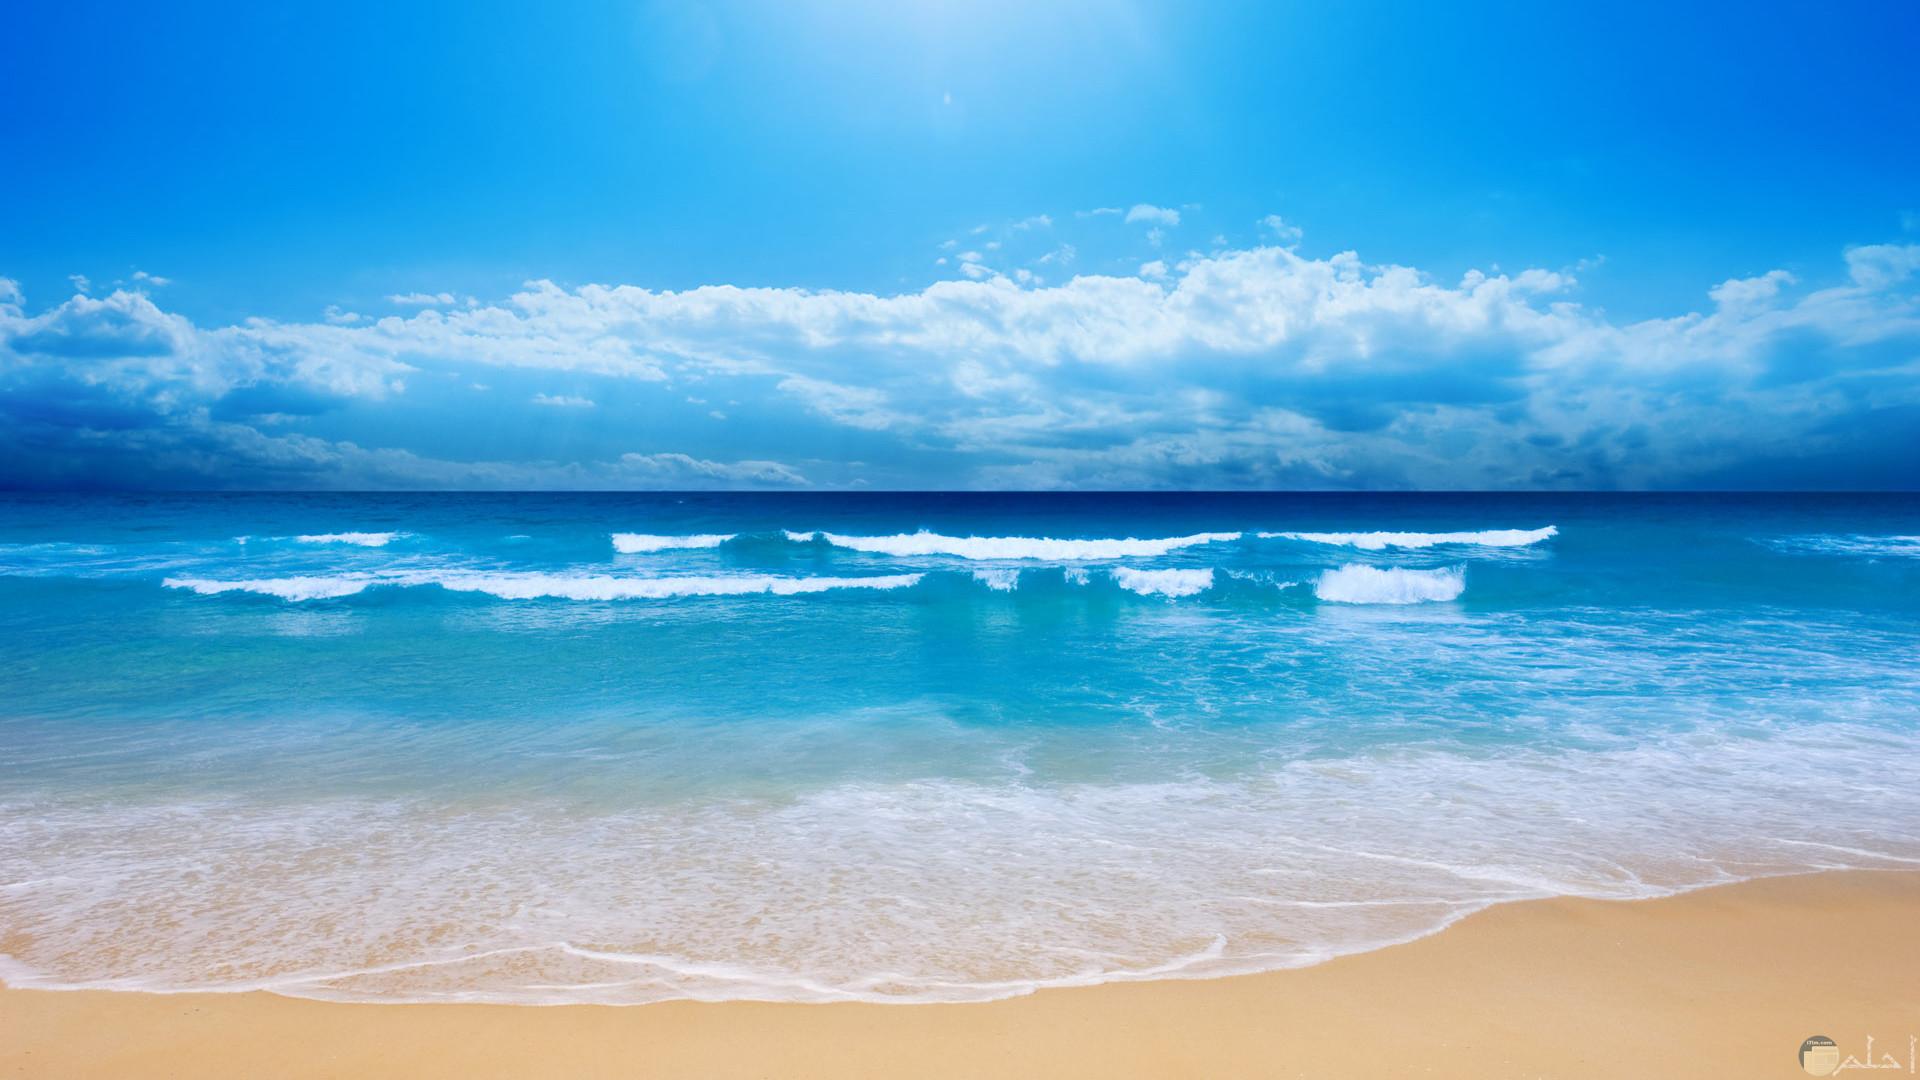 شاطئ بحر رائع